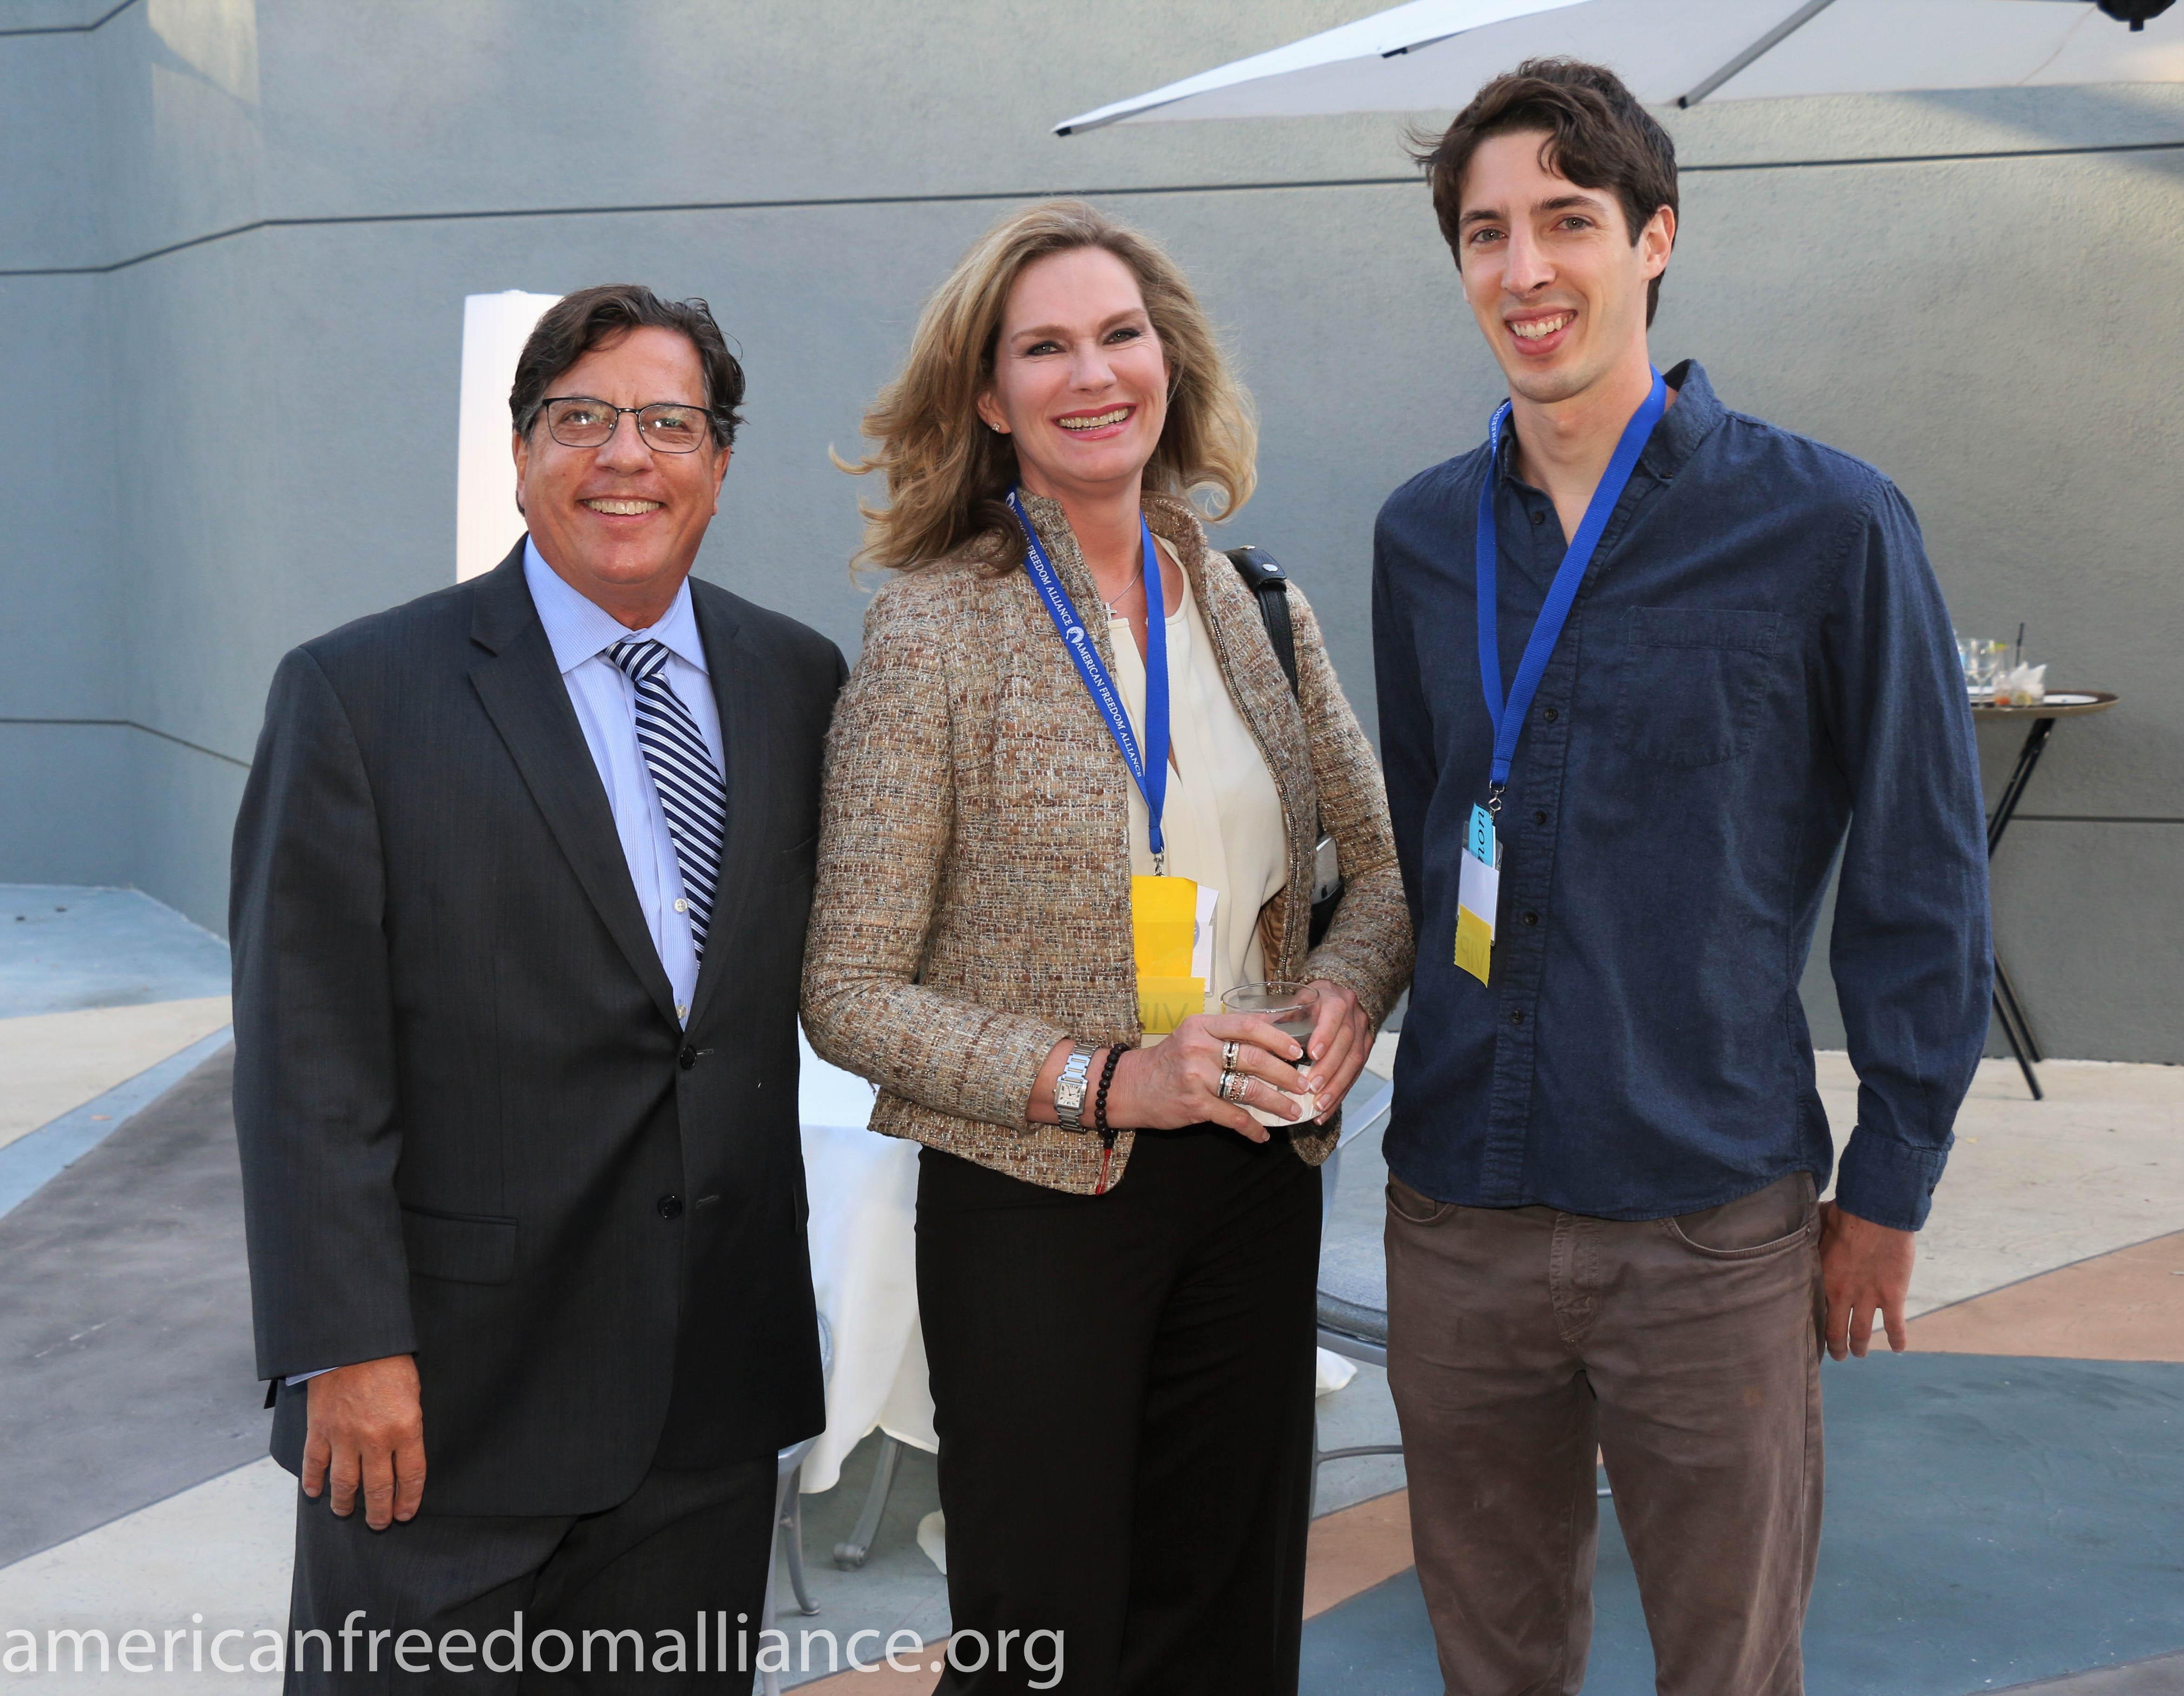 Bill Becker, Catherine Engelbrecht and james Damore